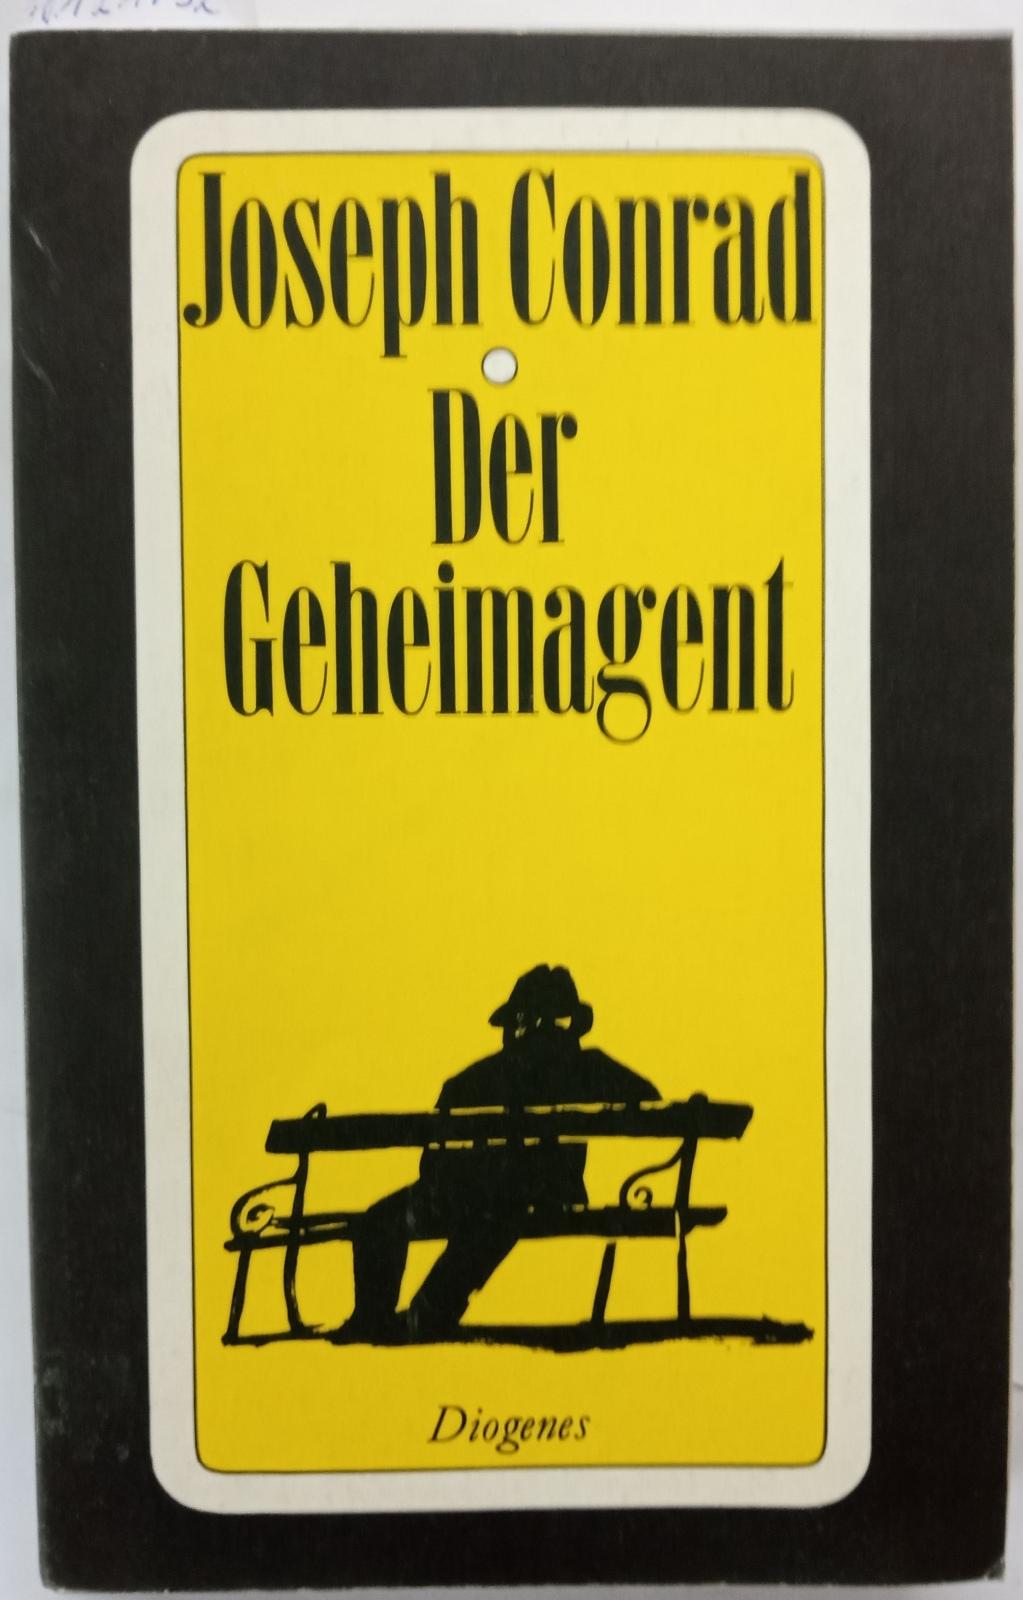 Der Geheimagent : eine einfache Geschichte. Aus d. Engl. von G. Danehl (Diogenes-Taschenbuch ; 66/2). - Conrad, Joseph